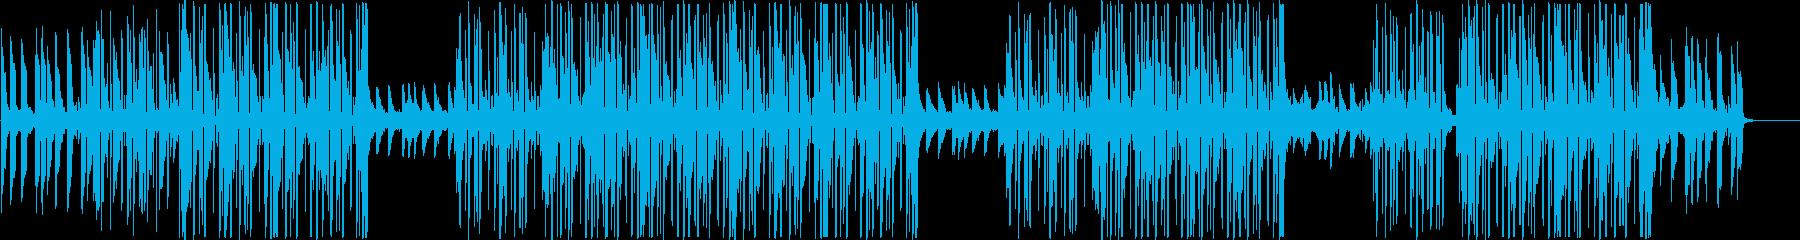 洋楽、クラブ系ヒップホップサウンド♪の再生済みの波形